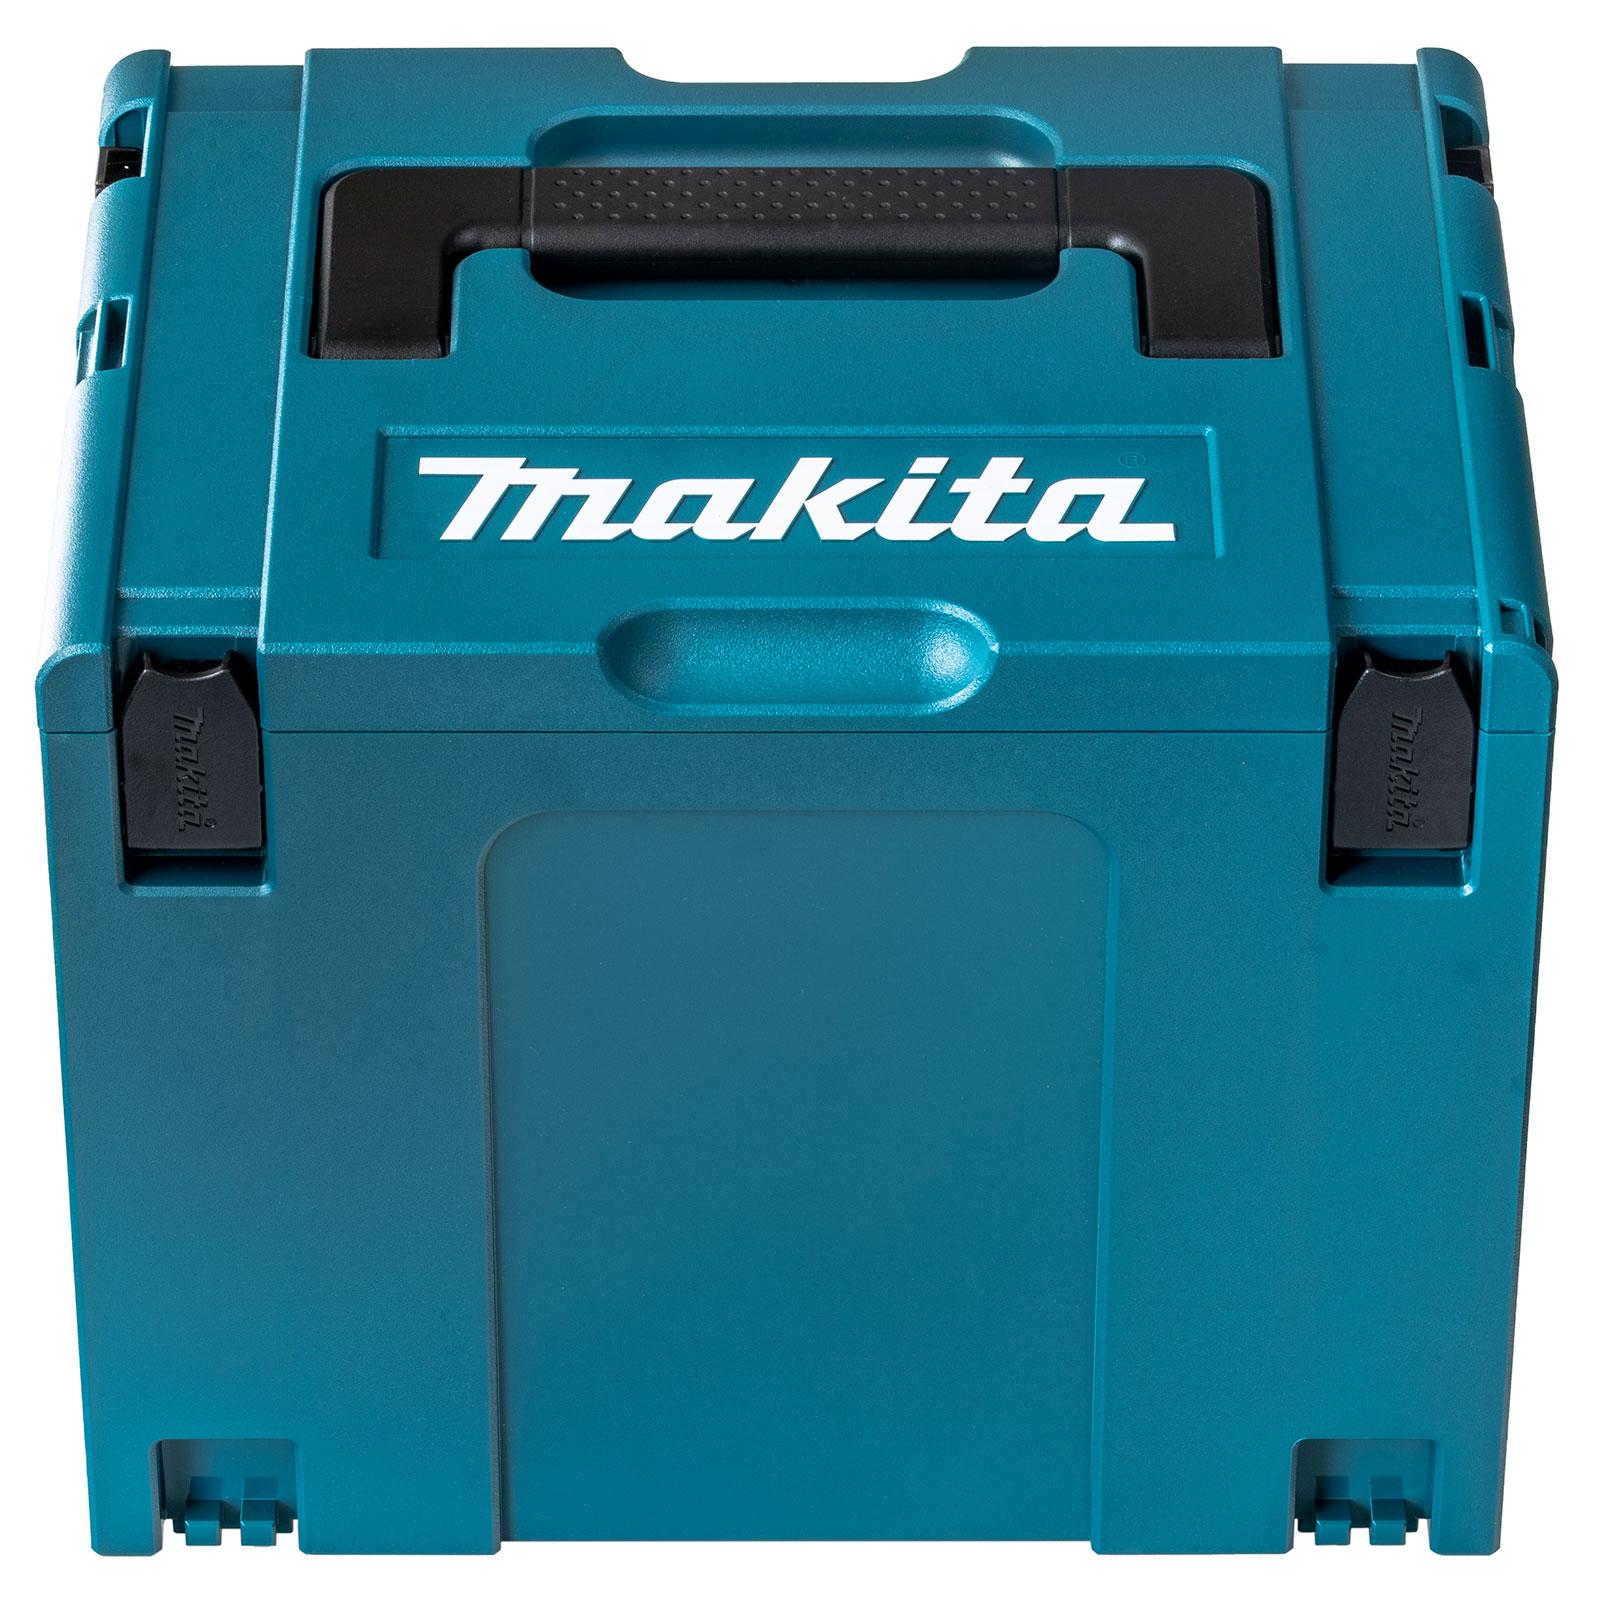 3 X makita Makpac Stapel Anschluss Werkzeugkoffer Systainer Typ 3 396 X 296 X